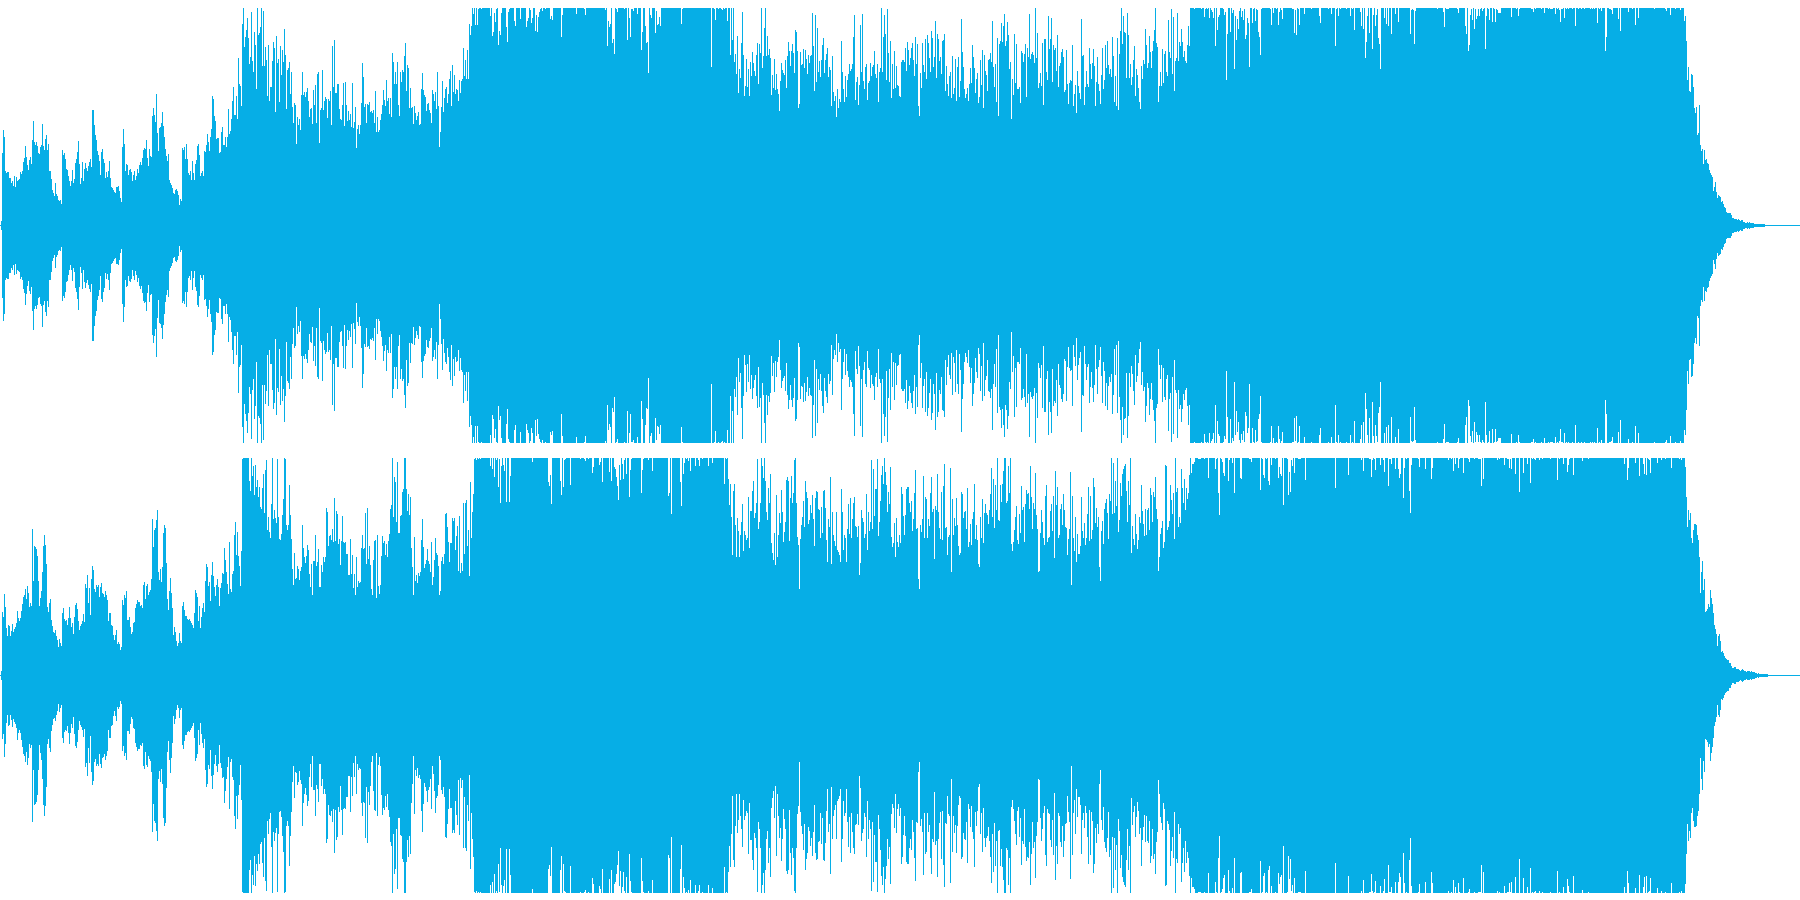 明るく感動的な映画系エピックオーケストラの再生済みの波形